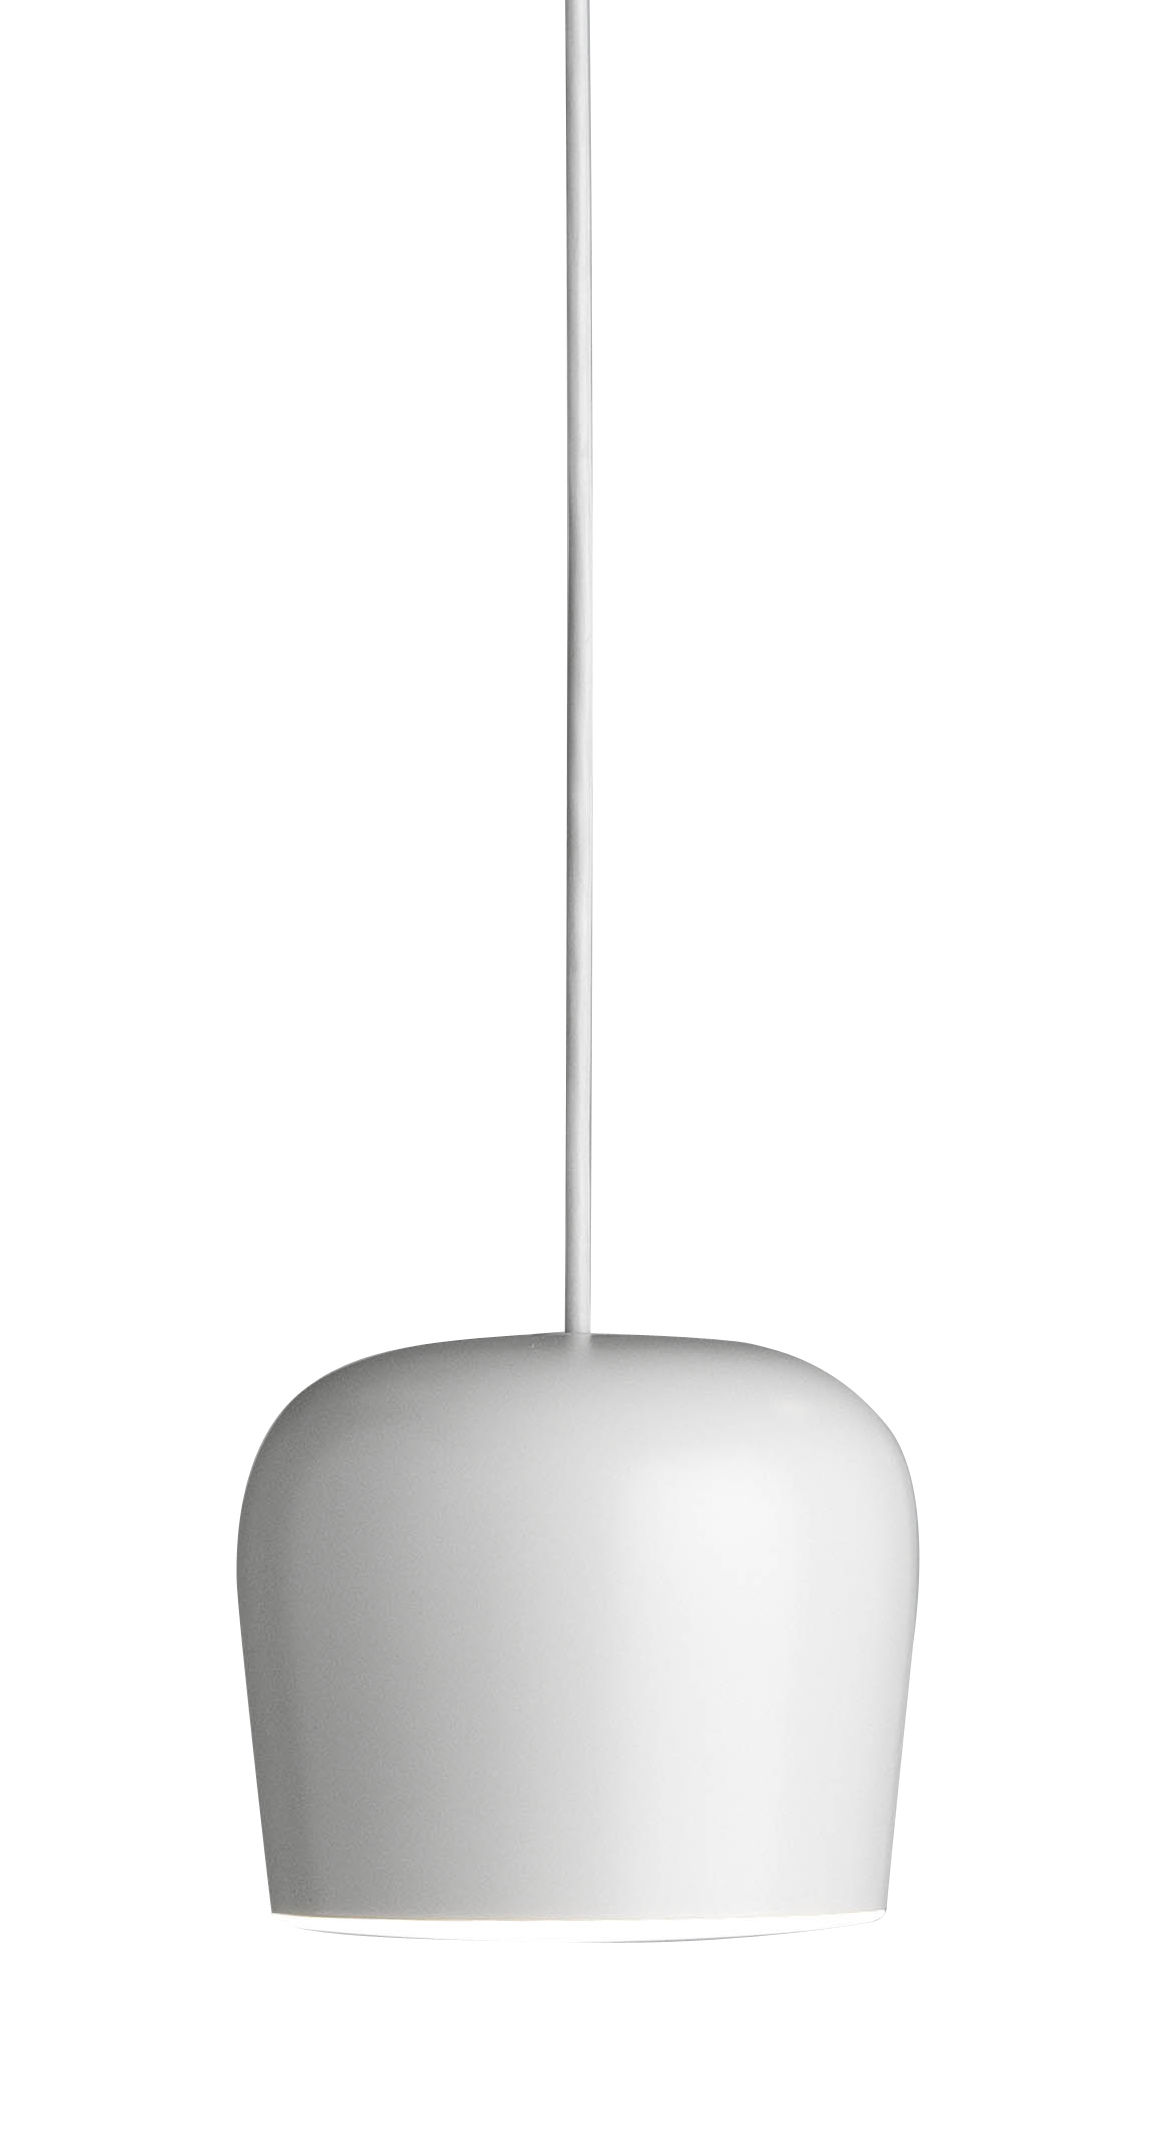 Luminaire - Suspensions - Suspension AIM Small Fix LED - Ø 17 cm - Flos - Blanc - Aluminium, Polycarbonate